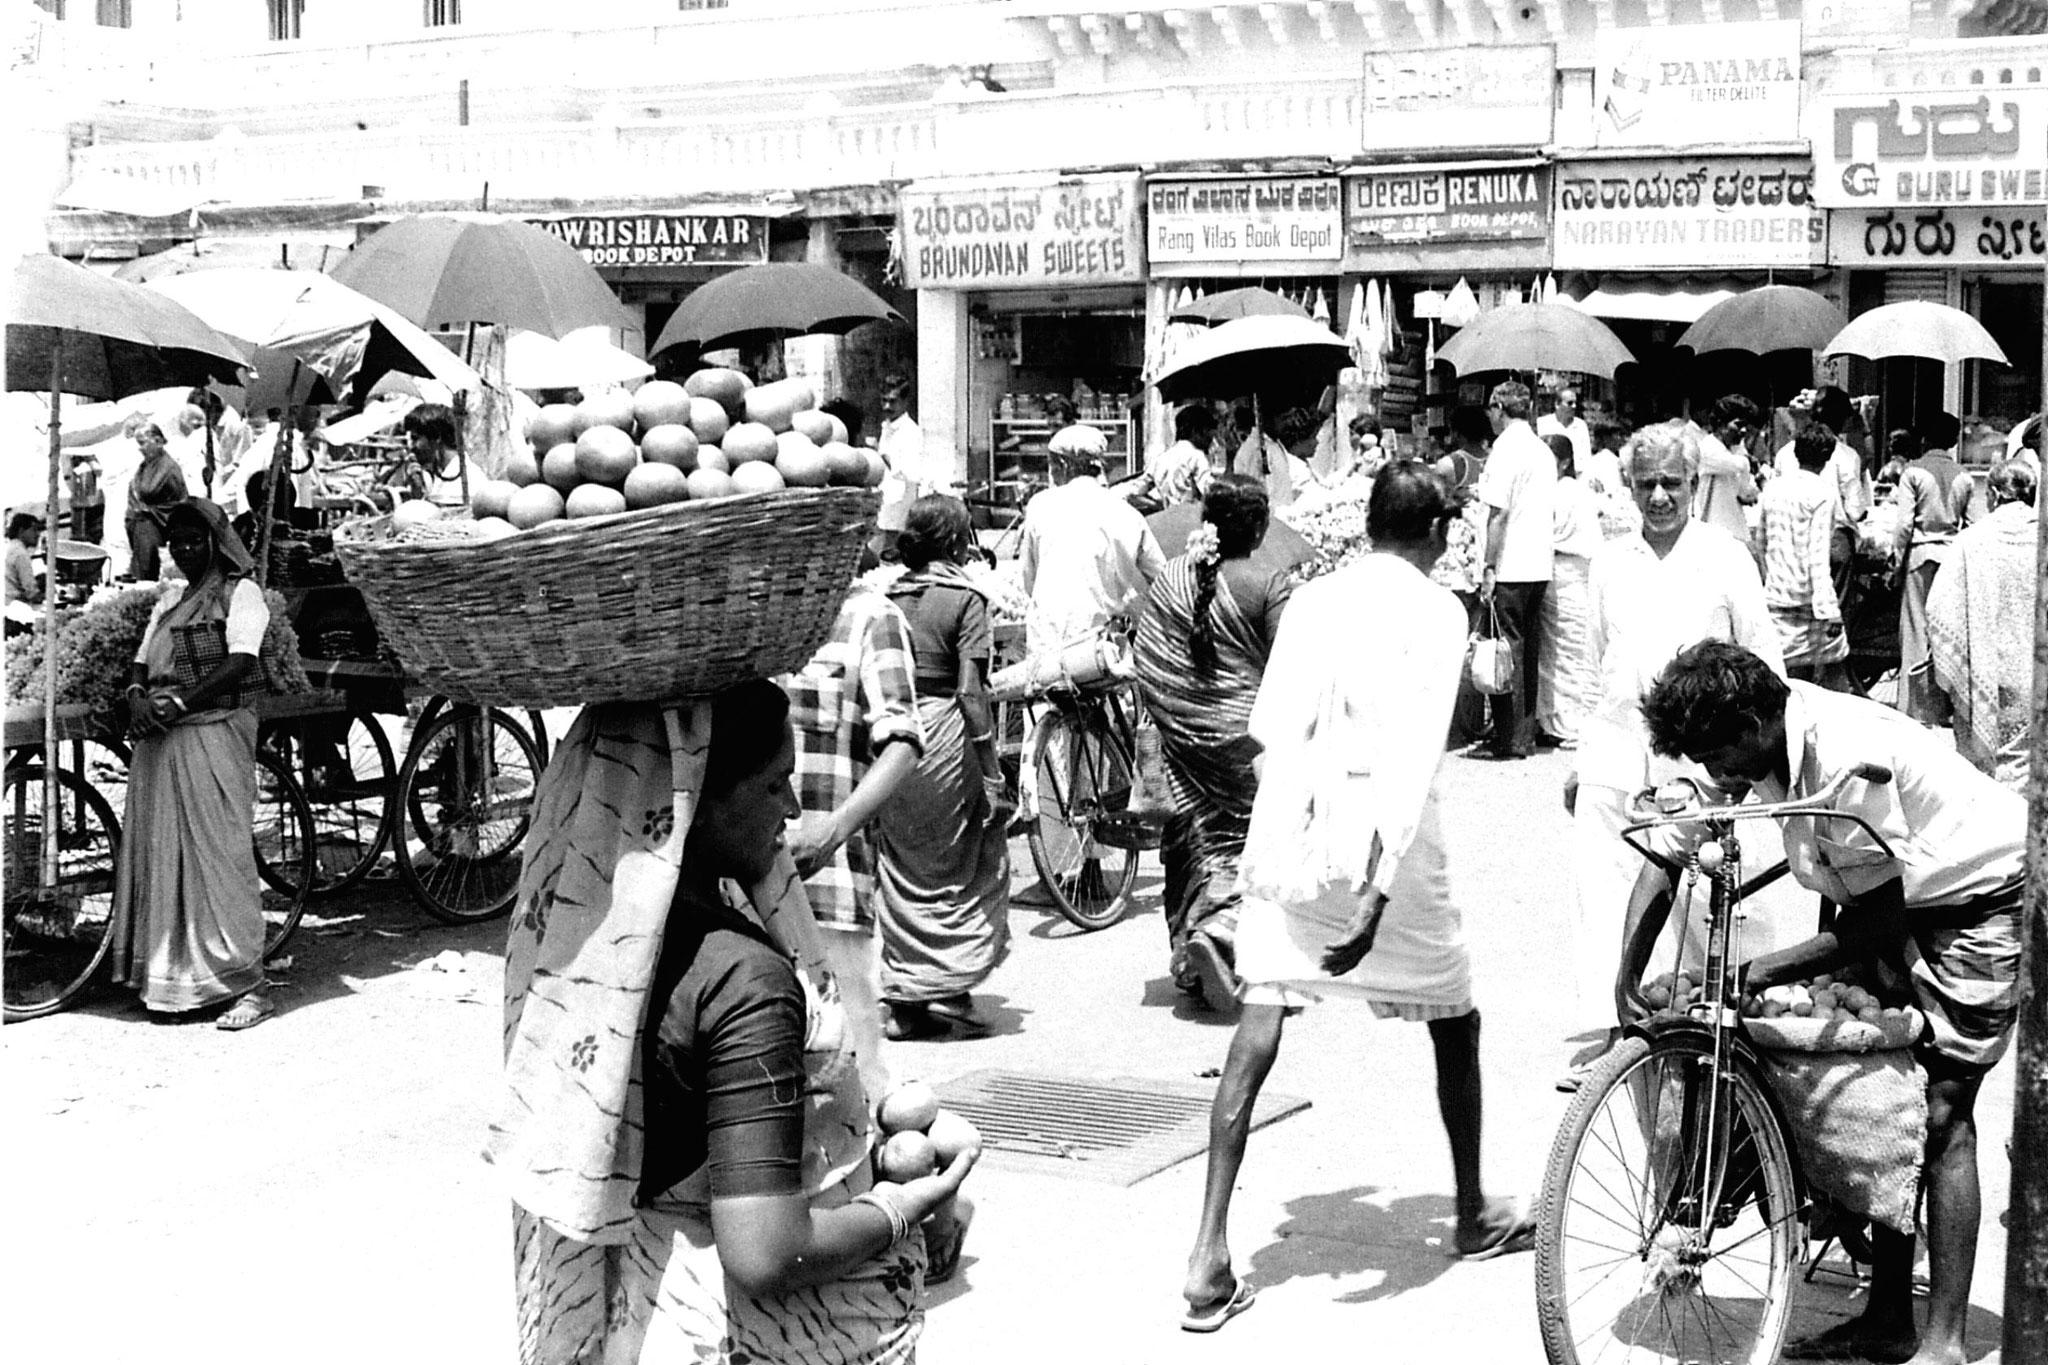 14/3/90: 25: Mysore